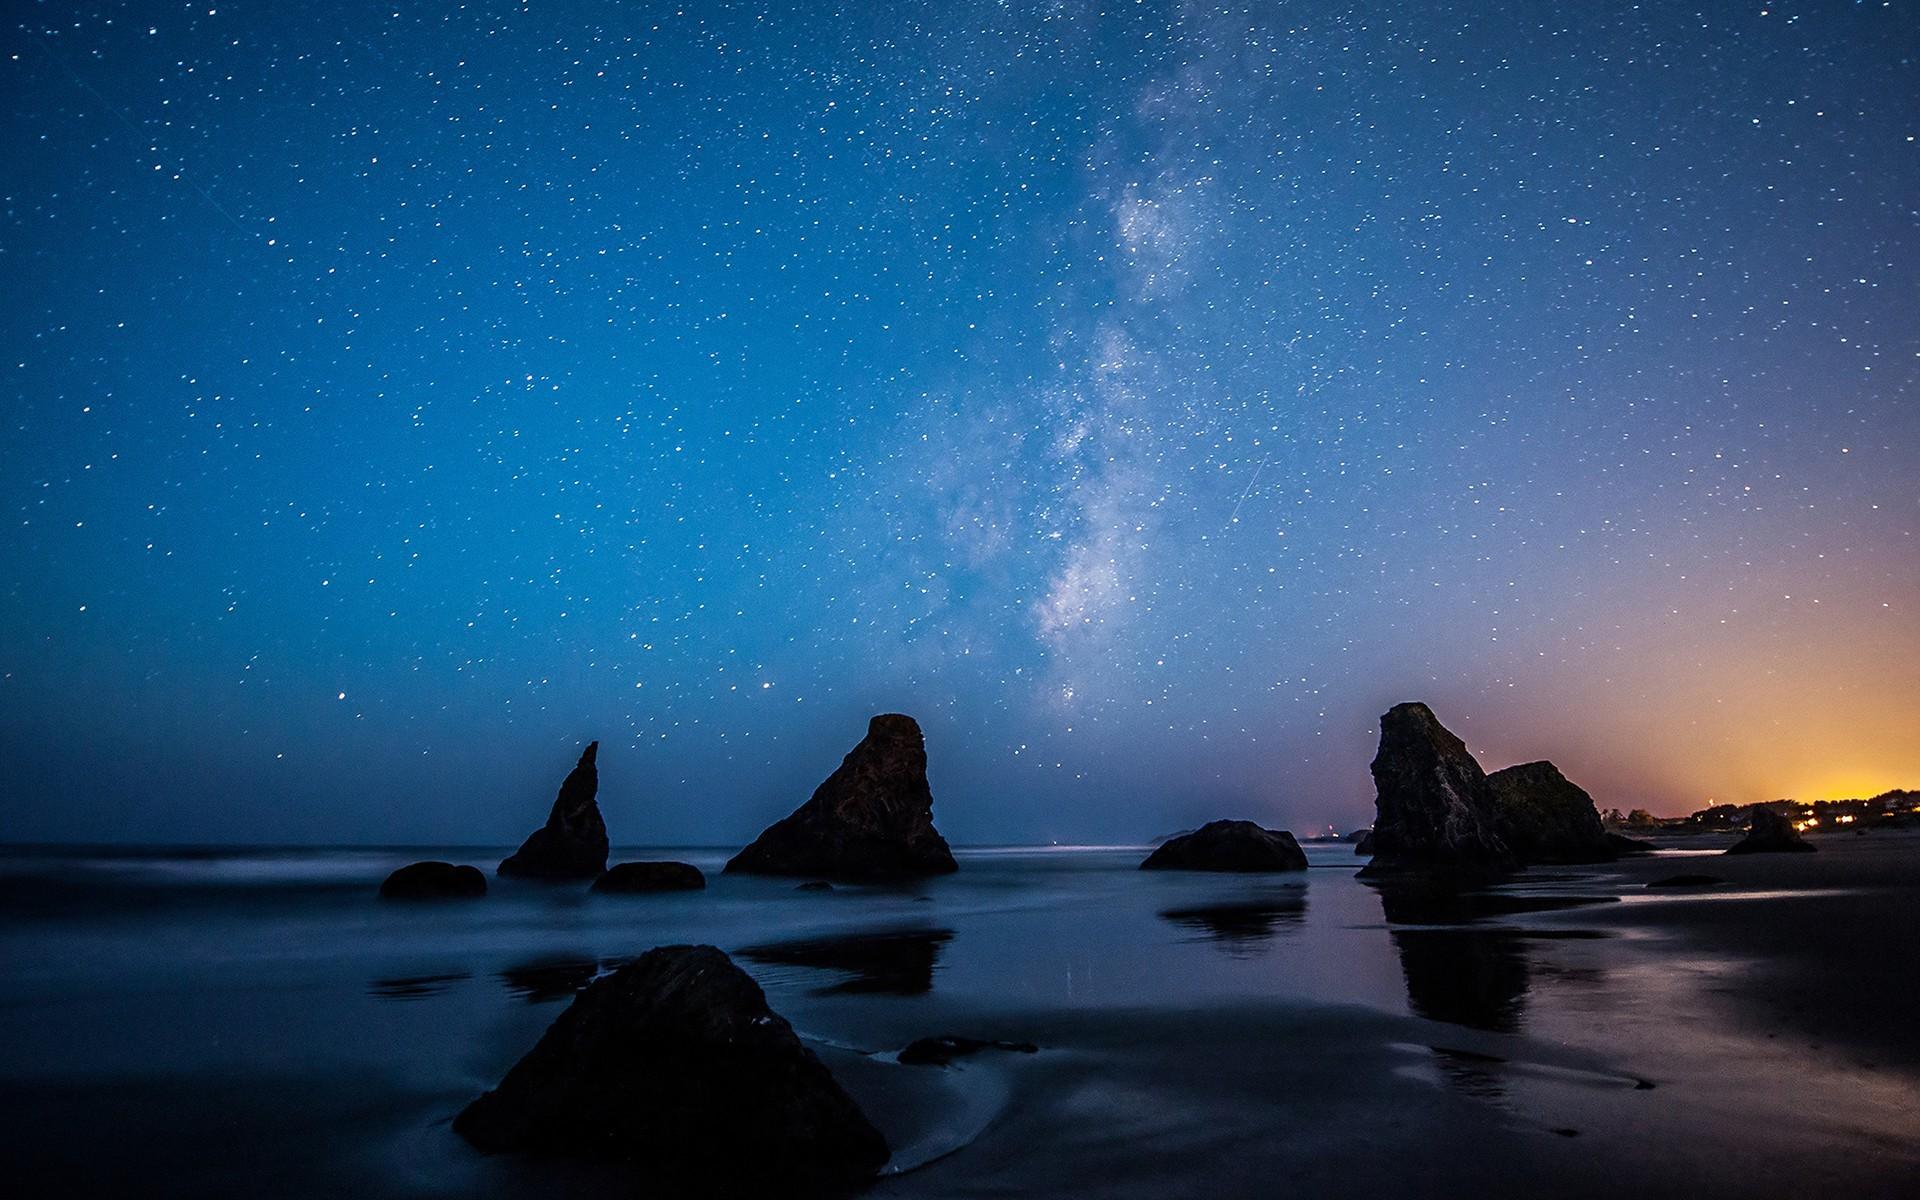 Papel De Parede Panorama Mar Noite Gal 225 Xia Reflex 227 O